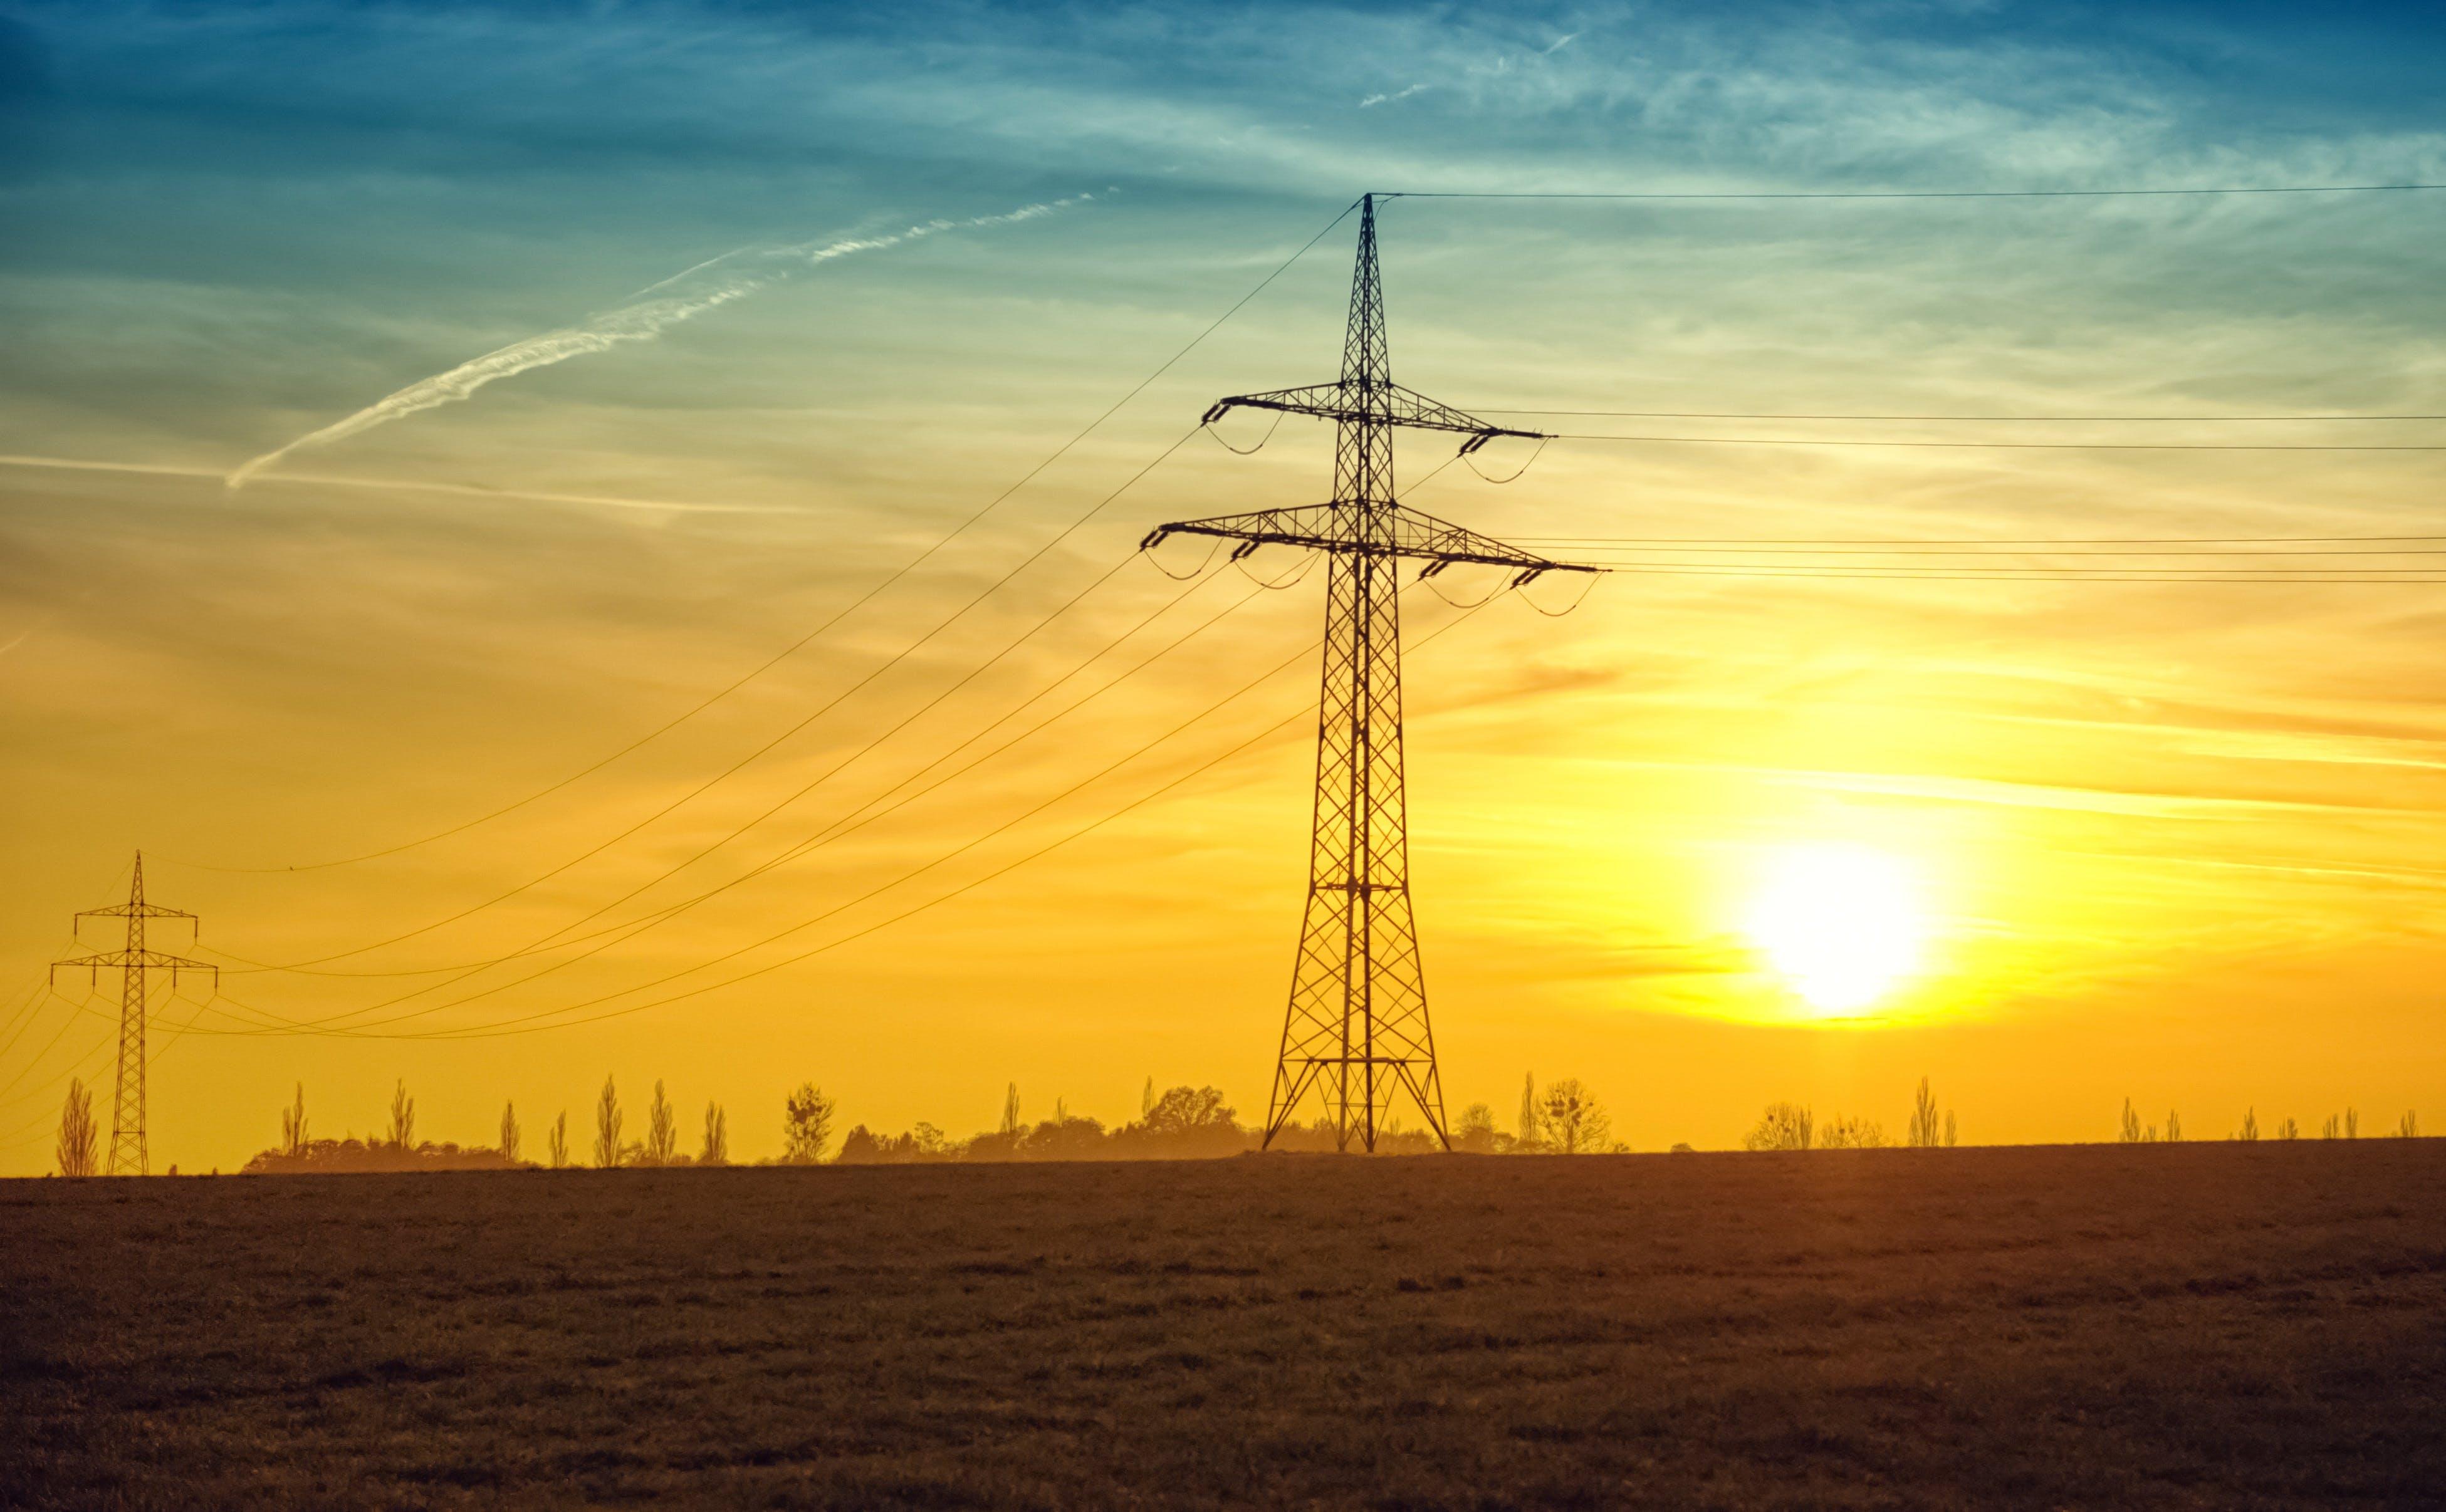 elektricitet, elkabler, energi